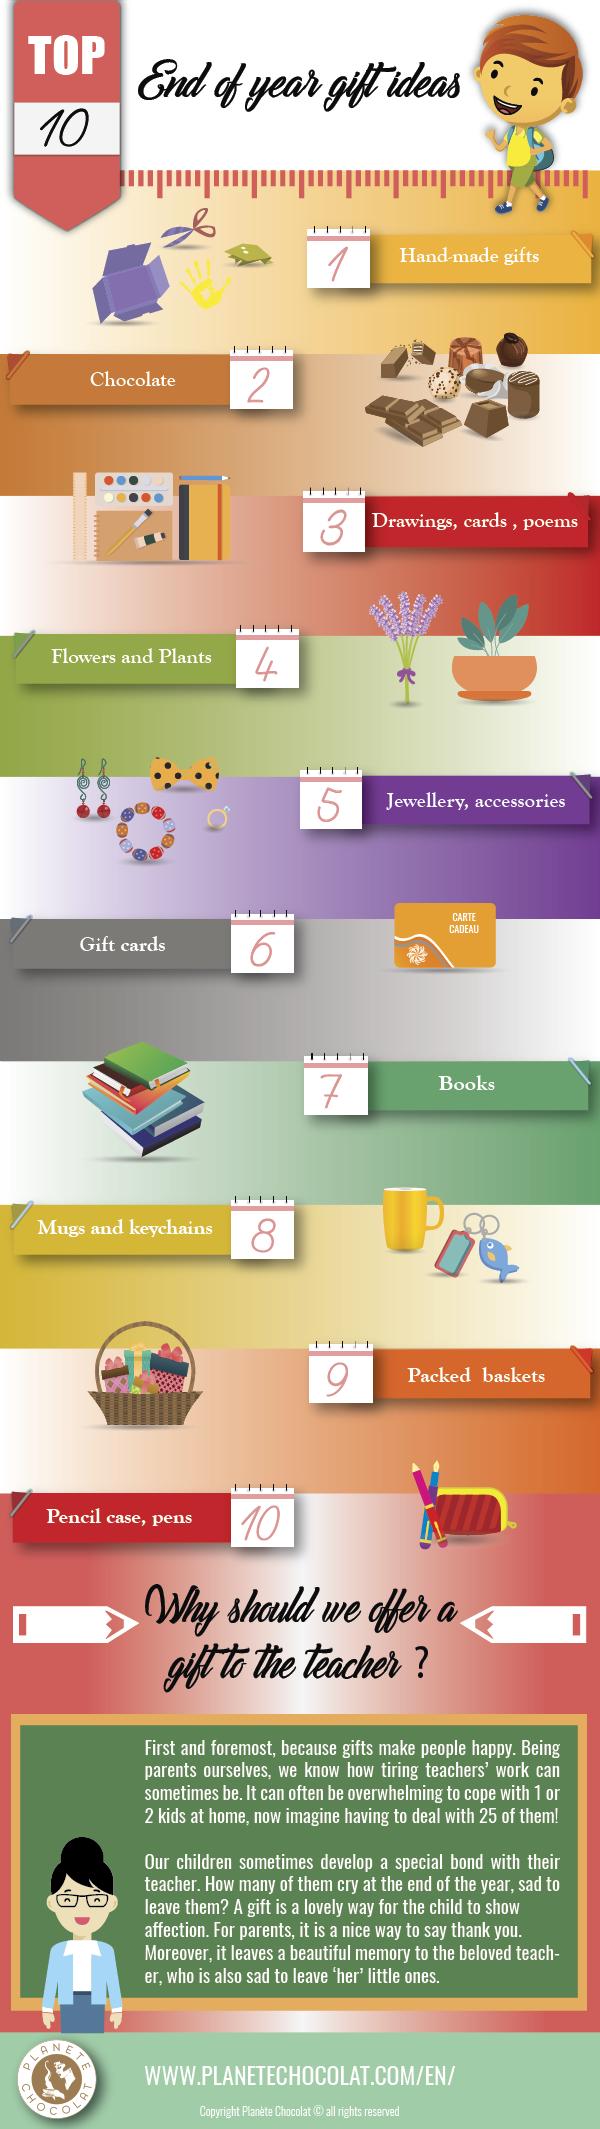 top-10-cadeaux-a-offrir-en-fin-dannee-scolaire-anglais.png